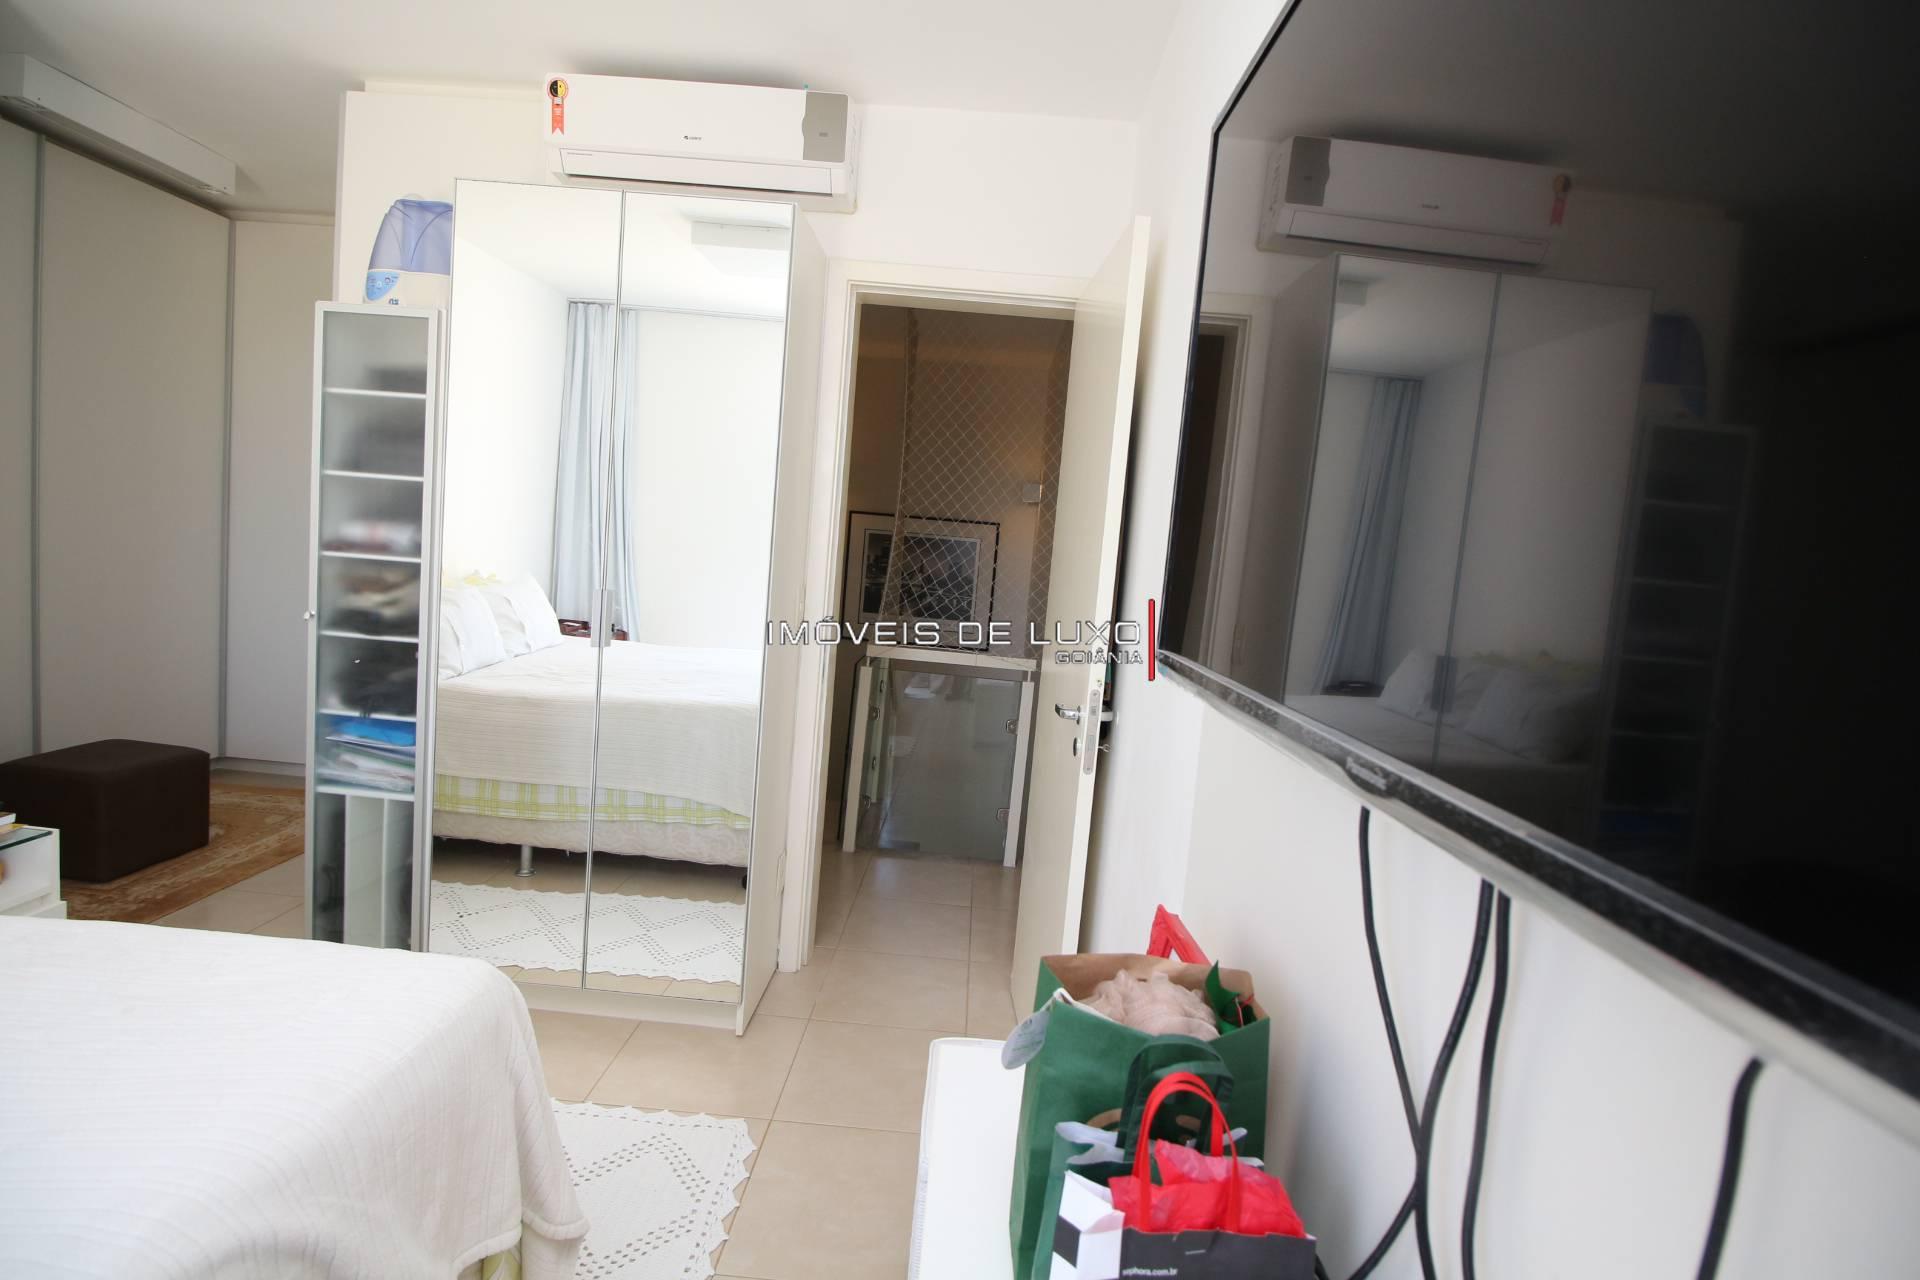 Imóveis de Luxo - Sobrado no Housing Flamboyant